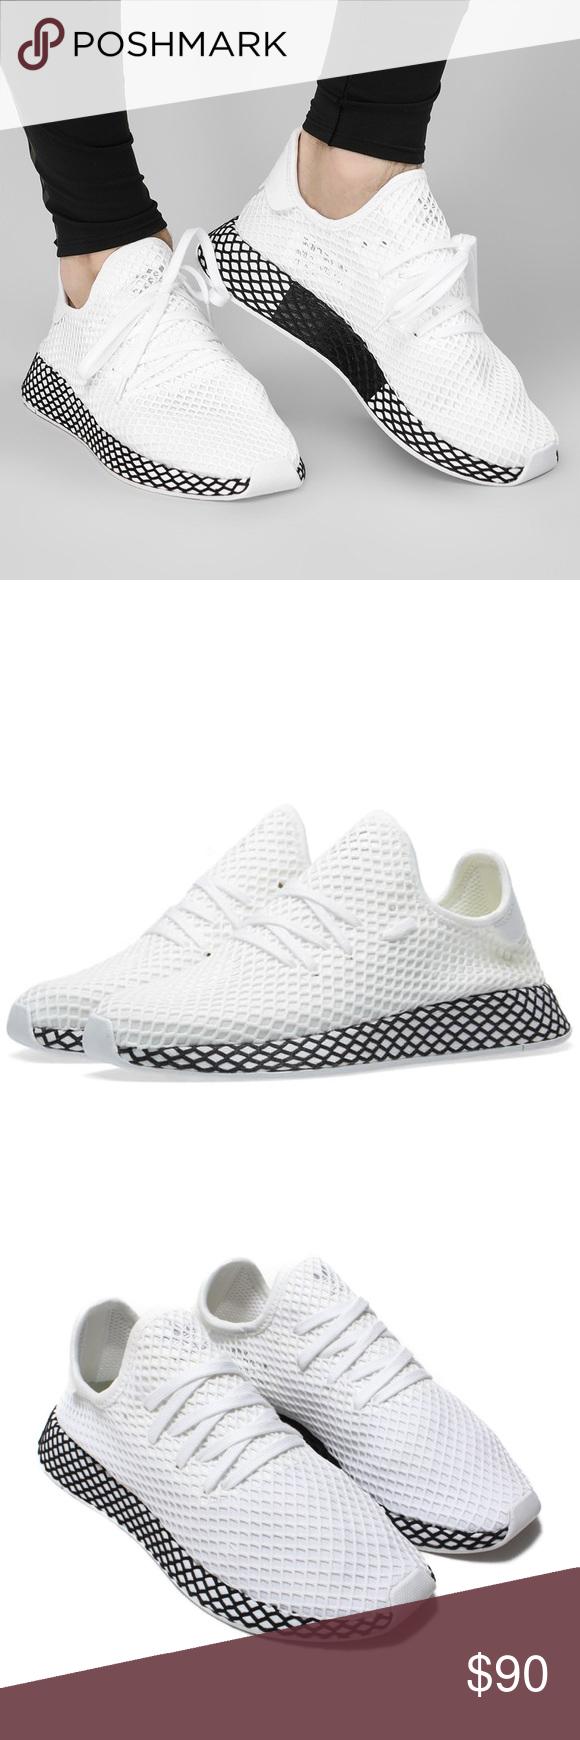 Adidas Deerupt Runner | Shoes sneakers